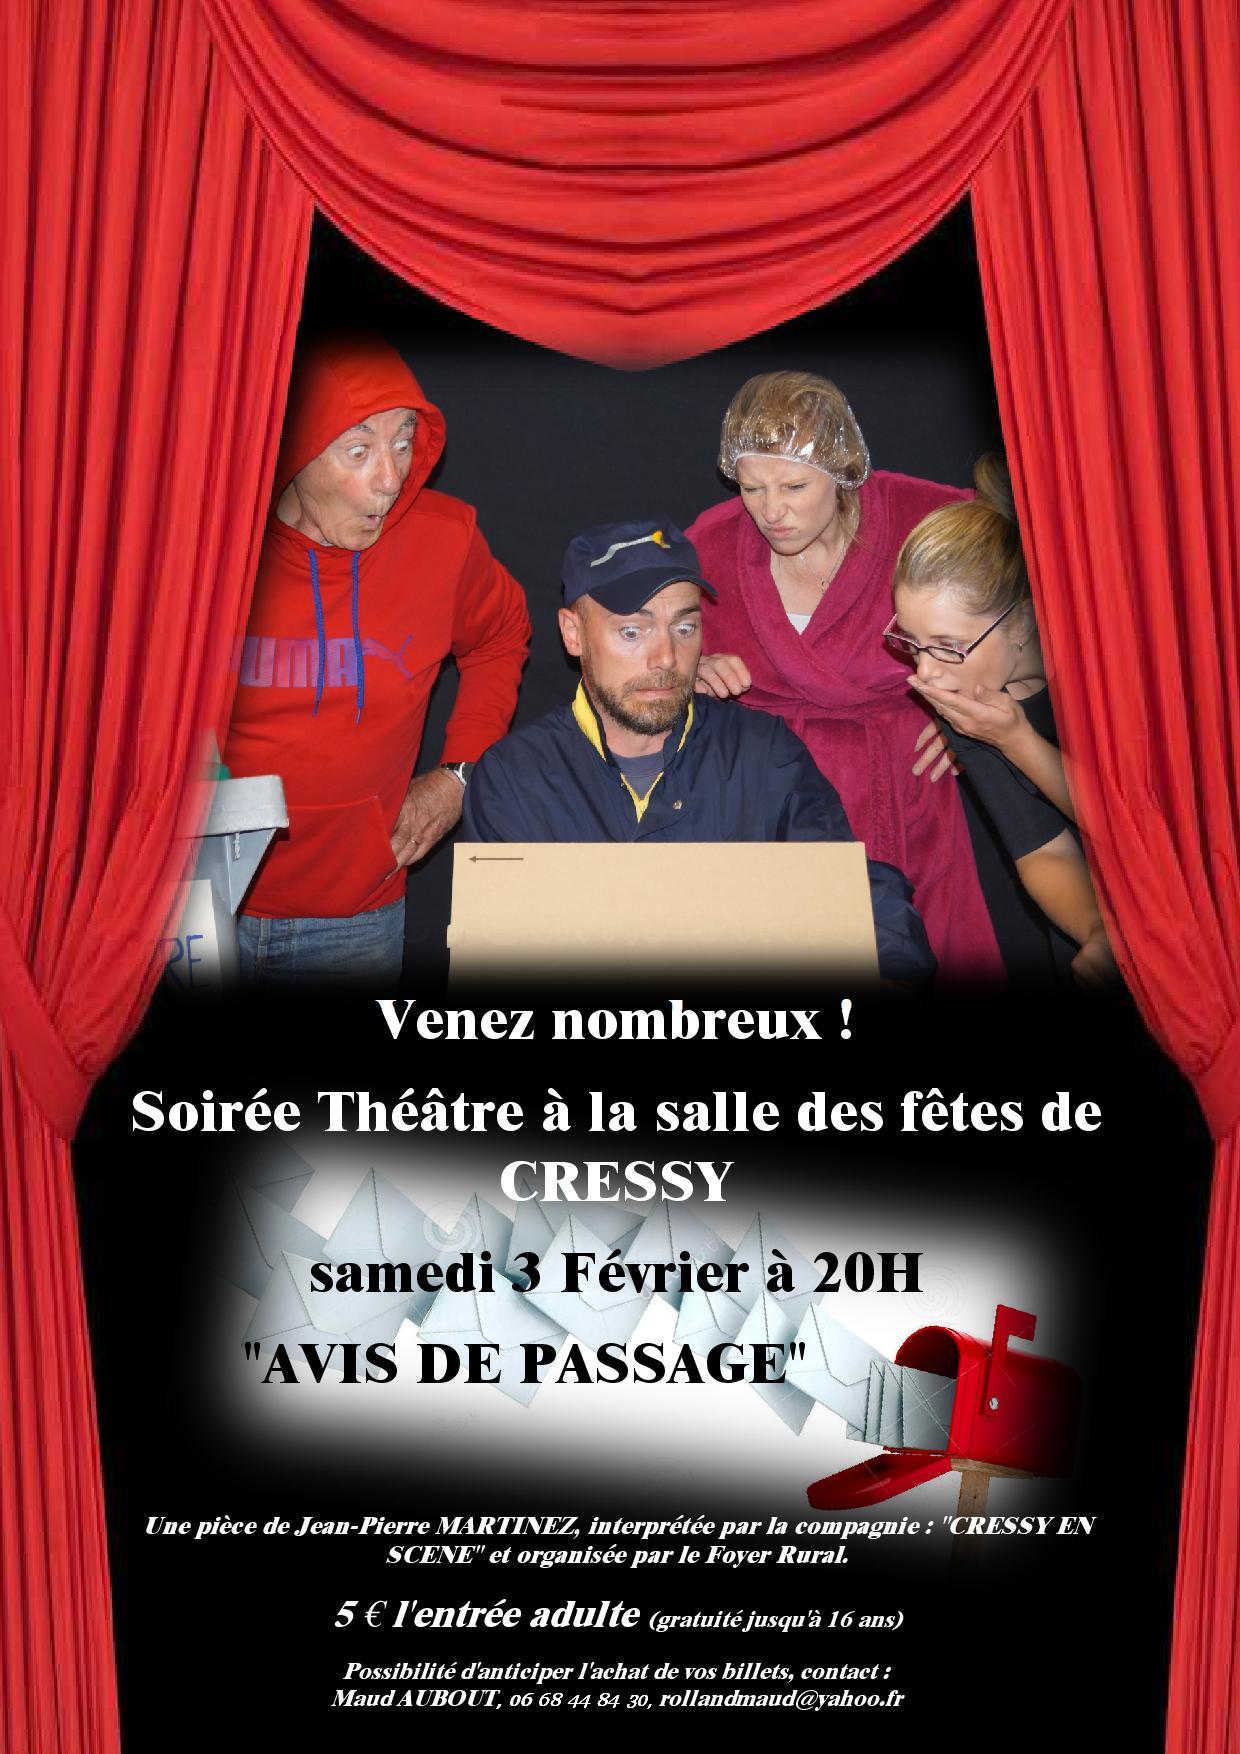 Soirée Théâtre à Cressy – 3 Février 2018